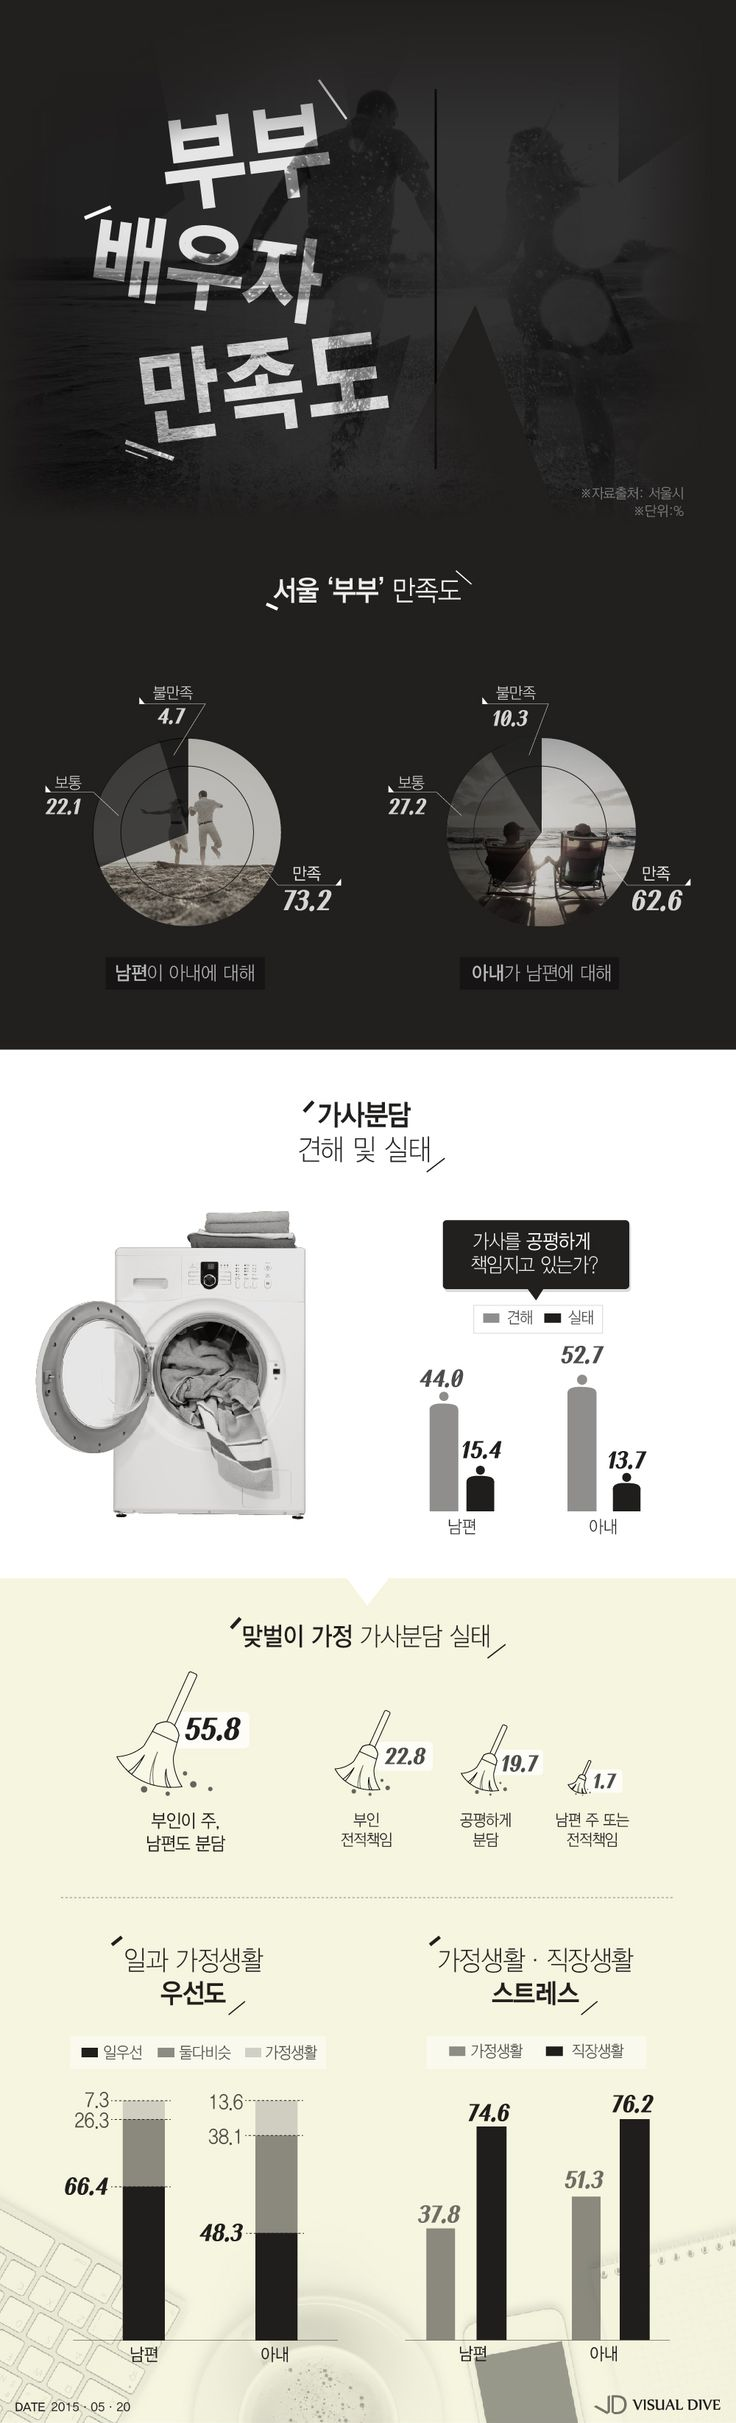 """서울 부부, 남편 73.2%·아내 62.6% """"배우자에게 만족"""" [인포그래픽] #couple / #Infographic ⓒ 비주얼다이브 무단 복사·전재·재배포 금지"""